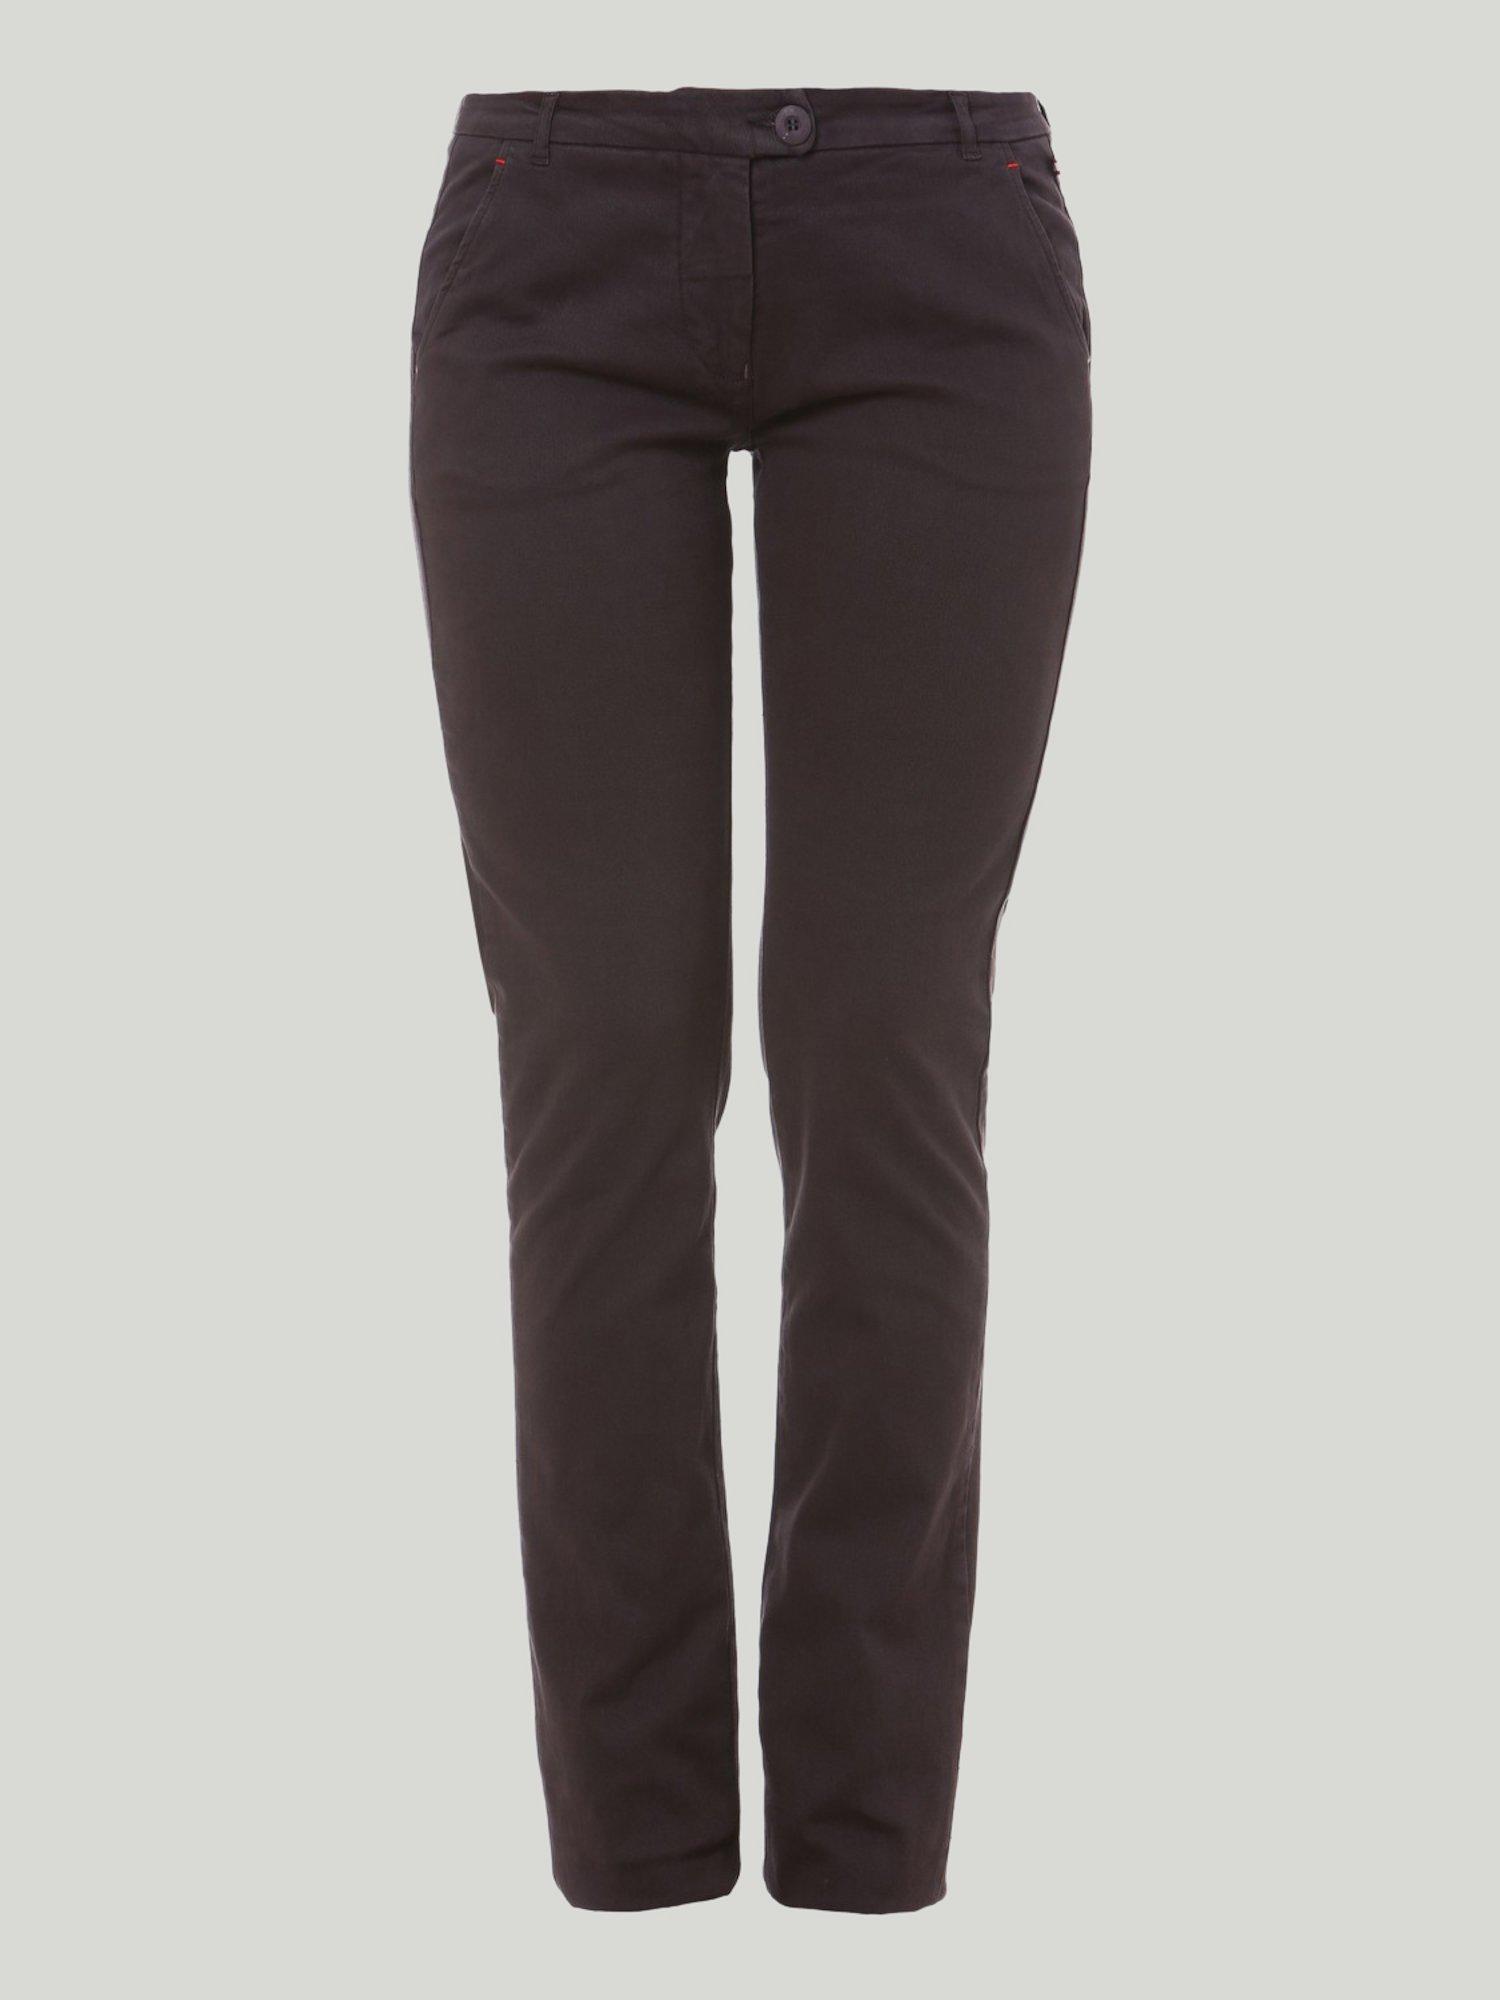 Trousers Bellona - Steel